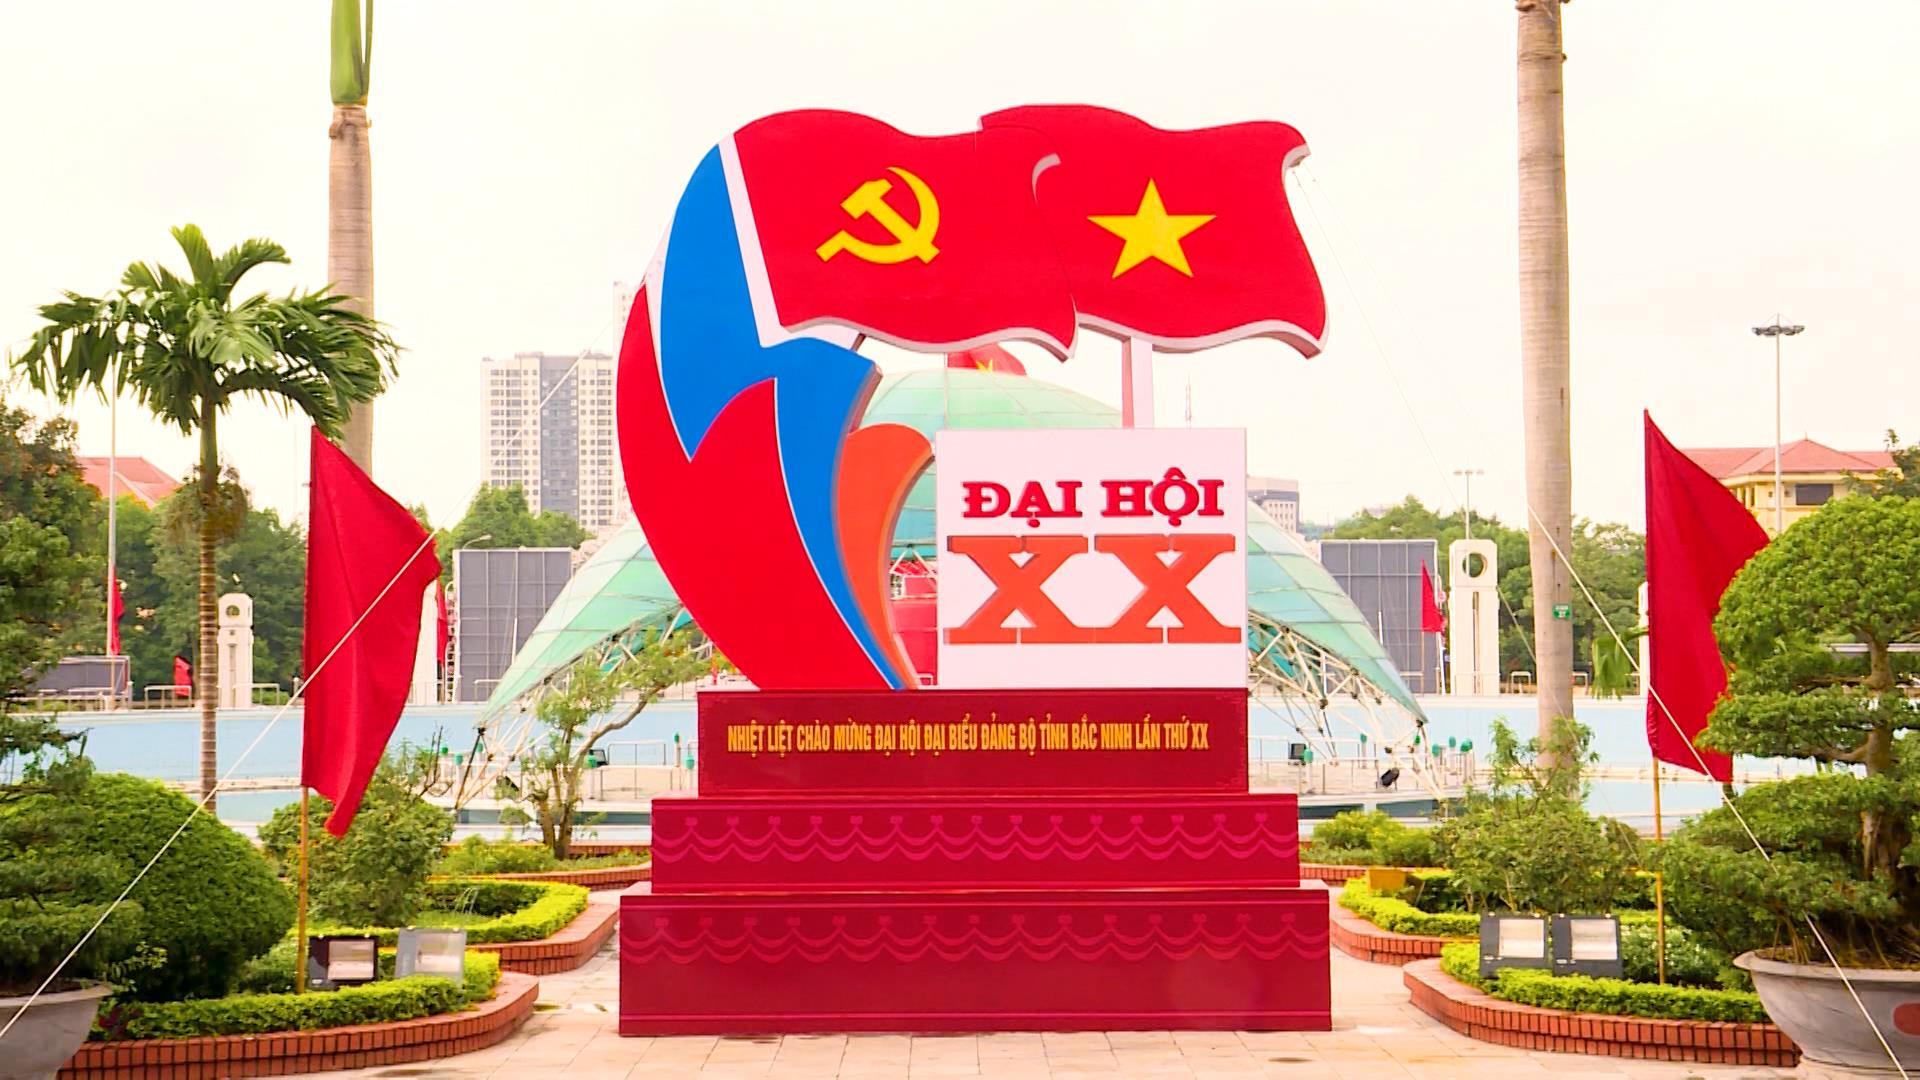 Chào mừng Đại hội đại biểu Đảng bộ tỉnh lần thứ XX nhiệm kỳ 2020 - 2025